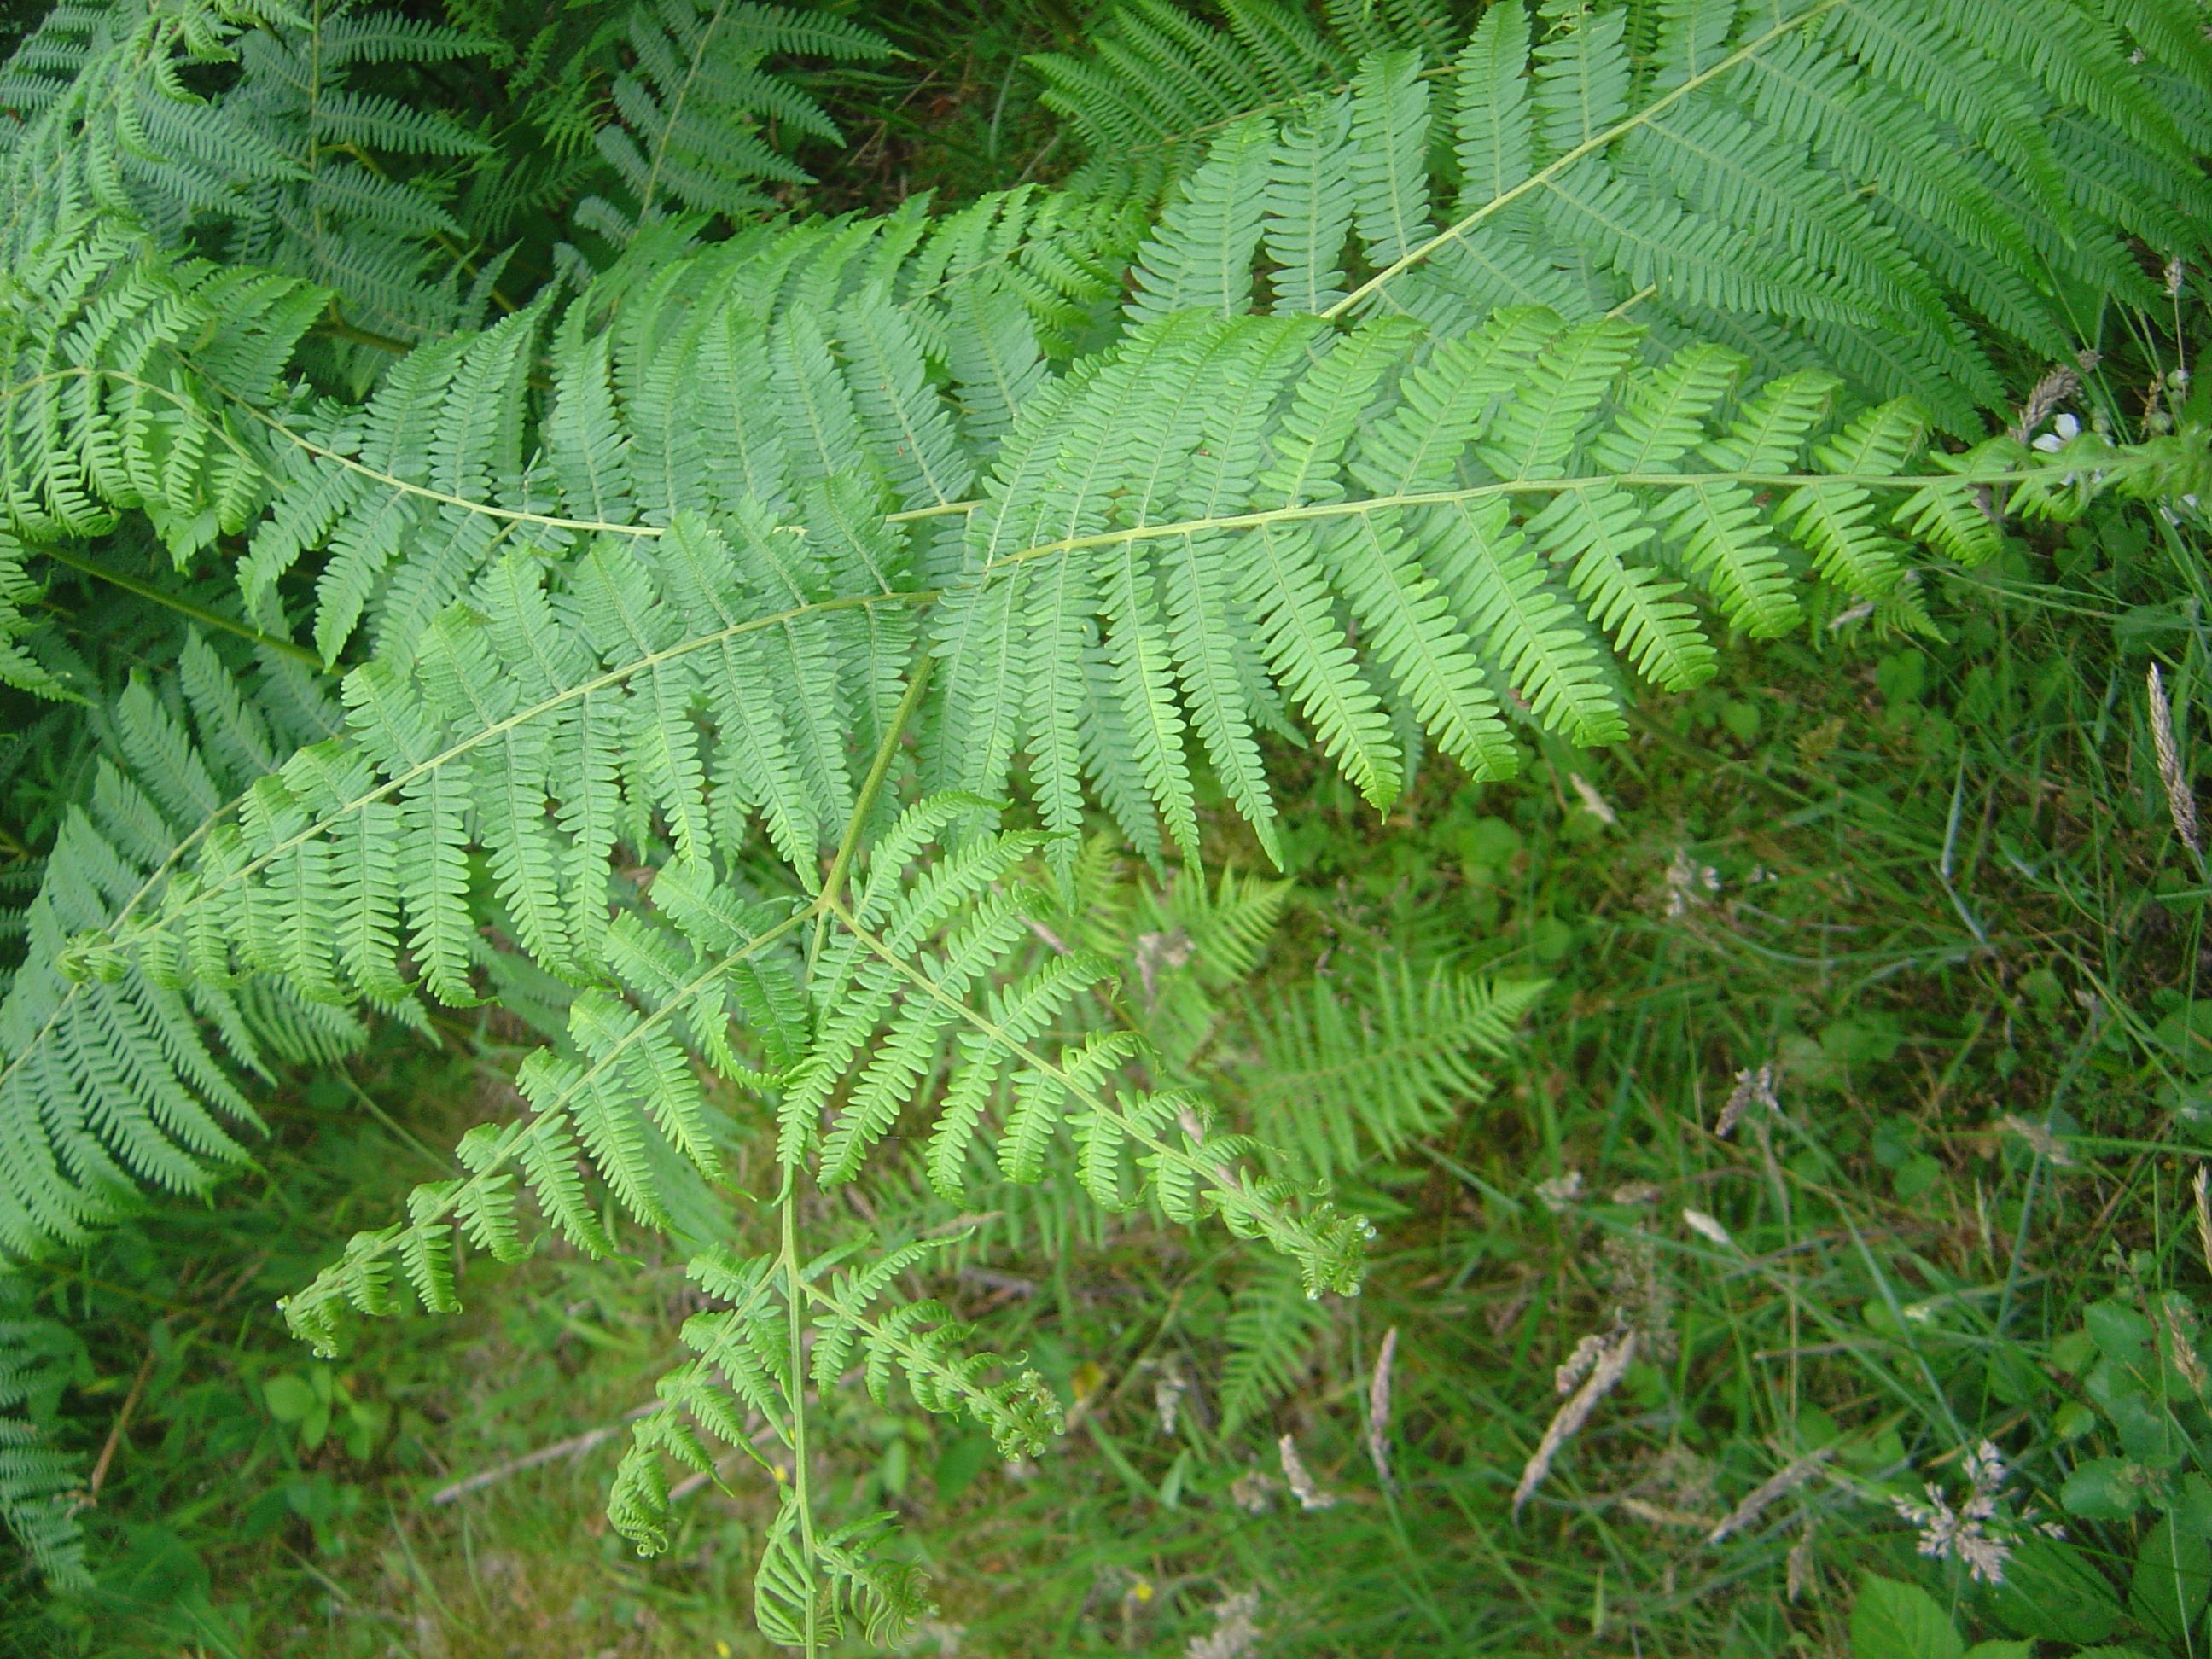 シダ植物 - Wikipedia